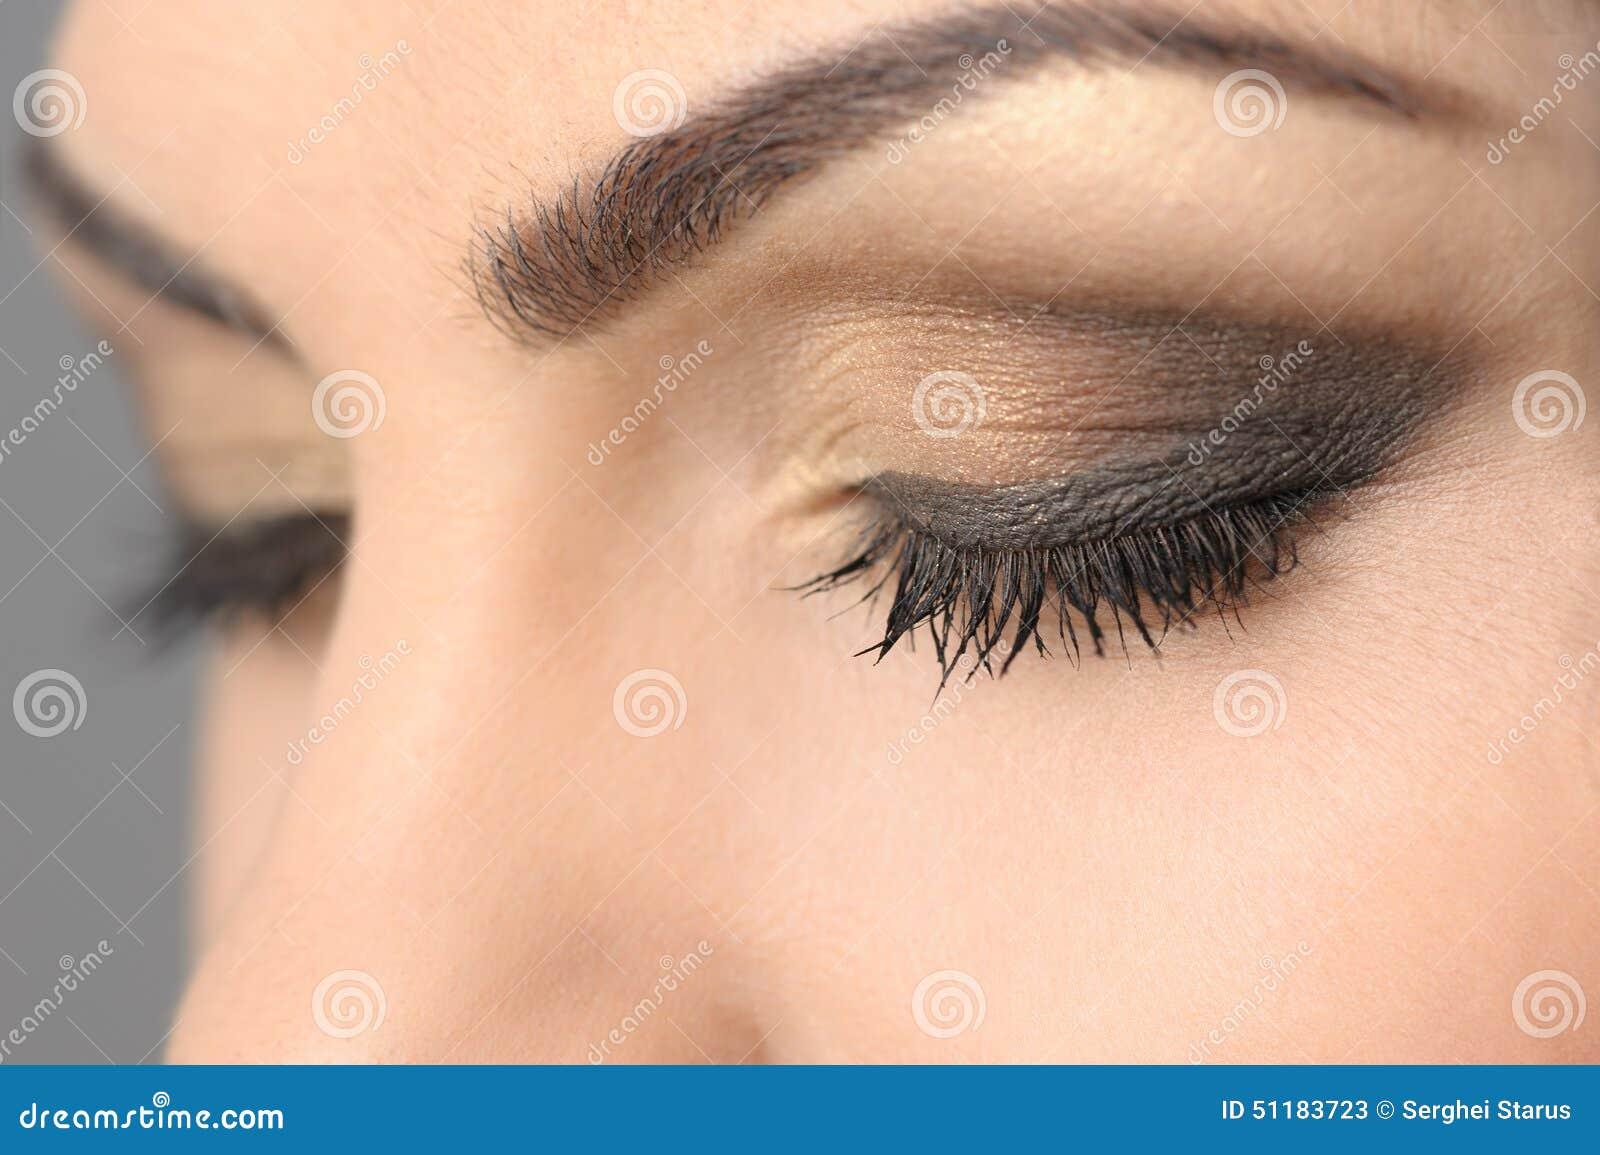 con los ojos cerrados maquillaje